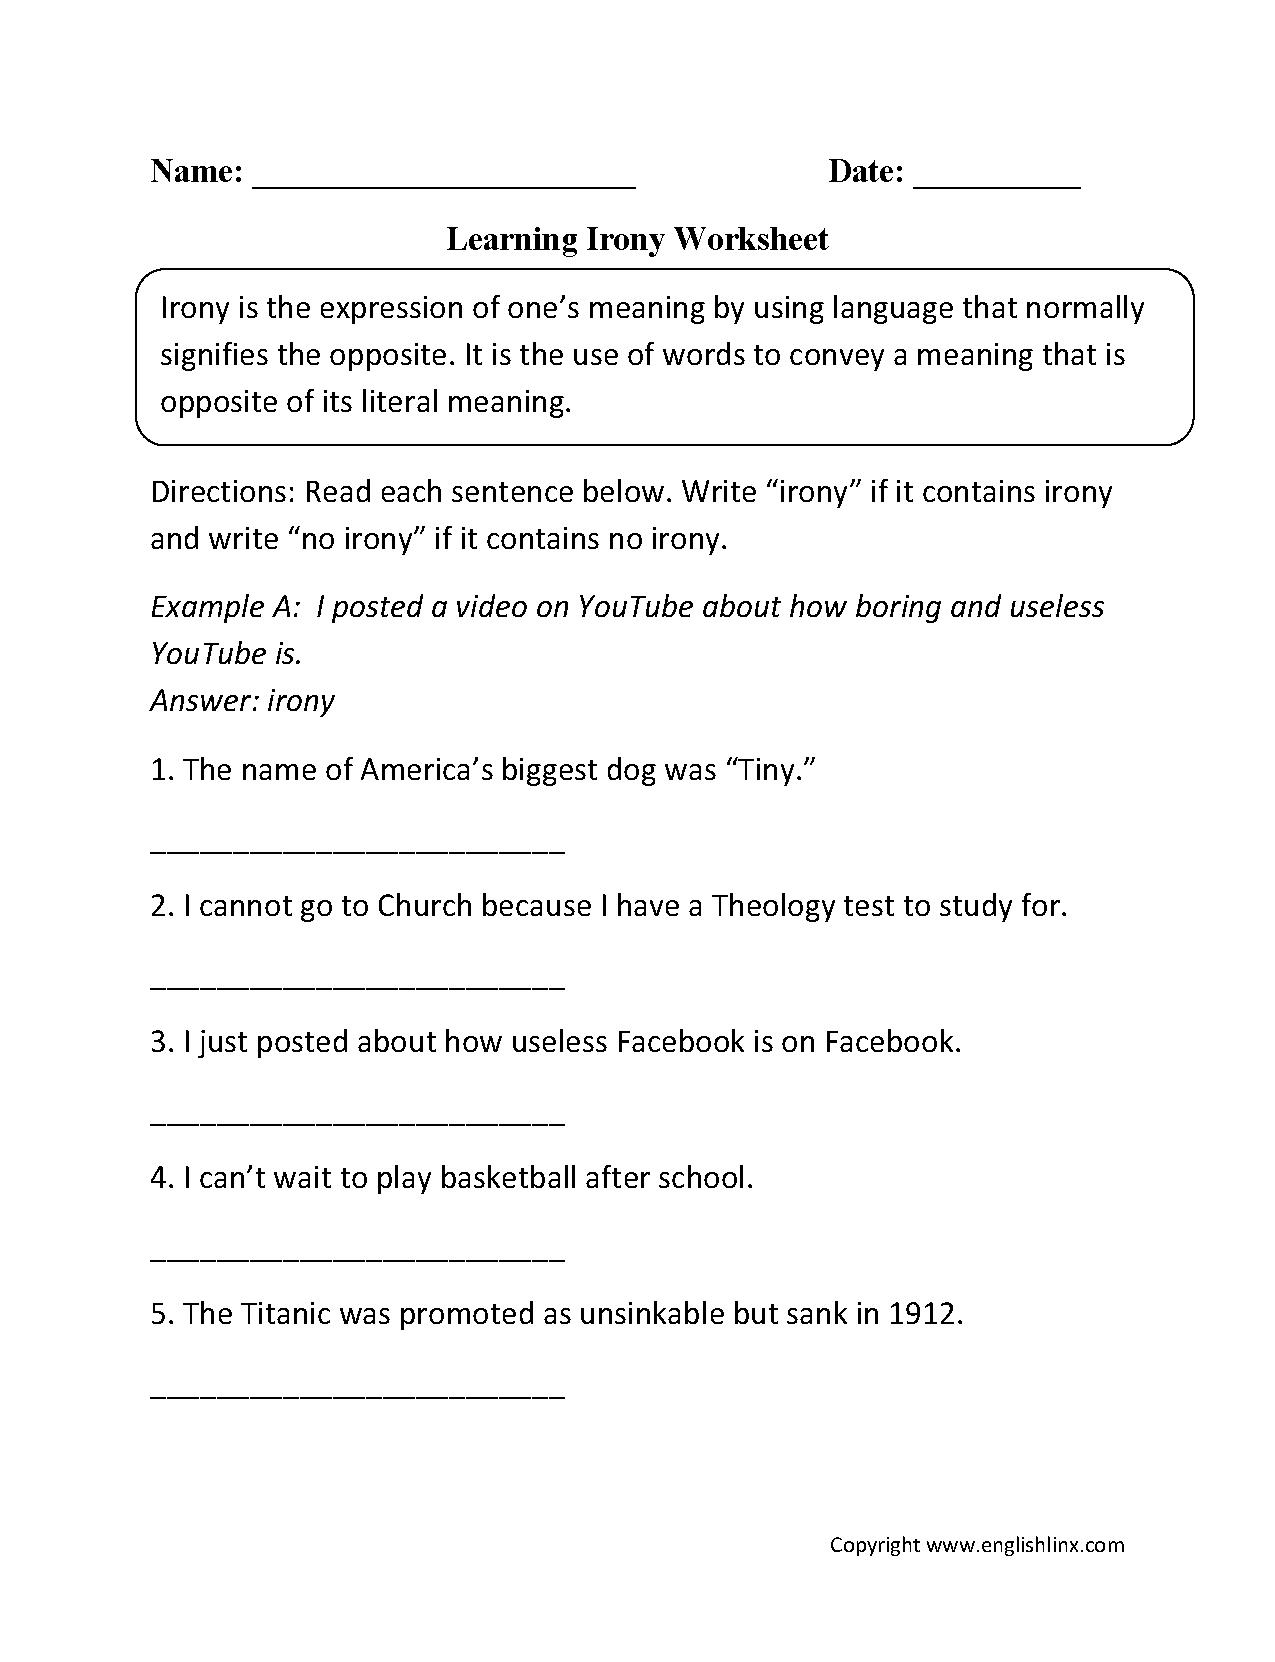 Learning Irony Worksheet